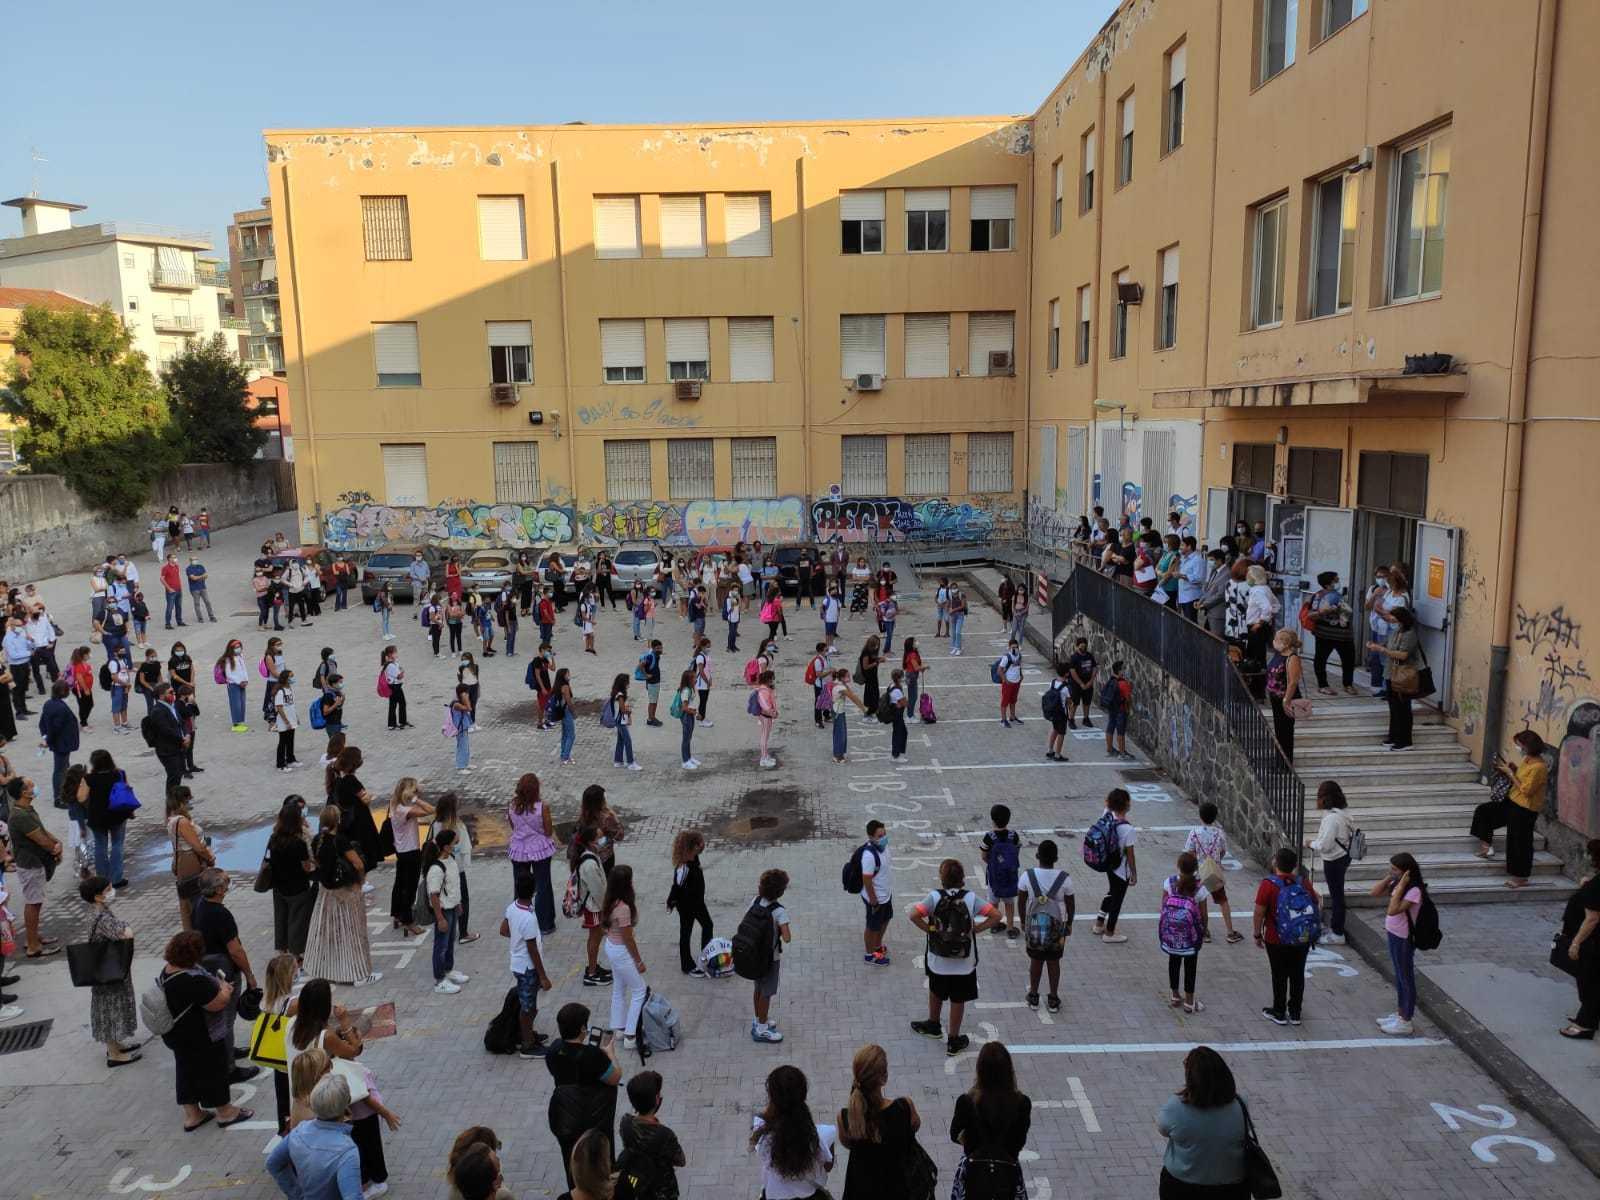 primo-giorno-scuola-secondaria-classi-prime-18-09-2020-4